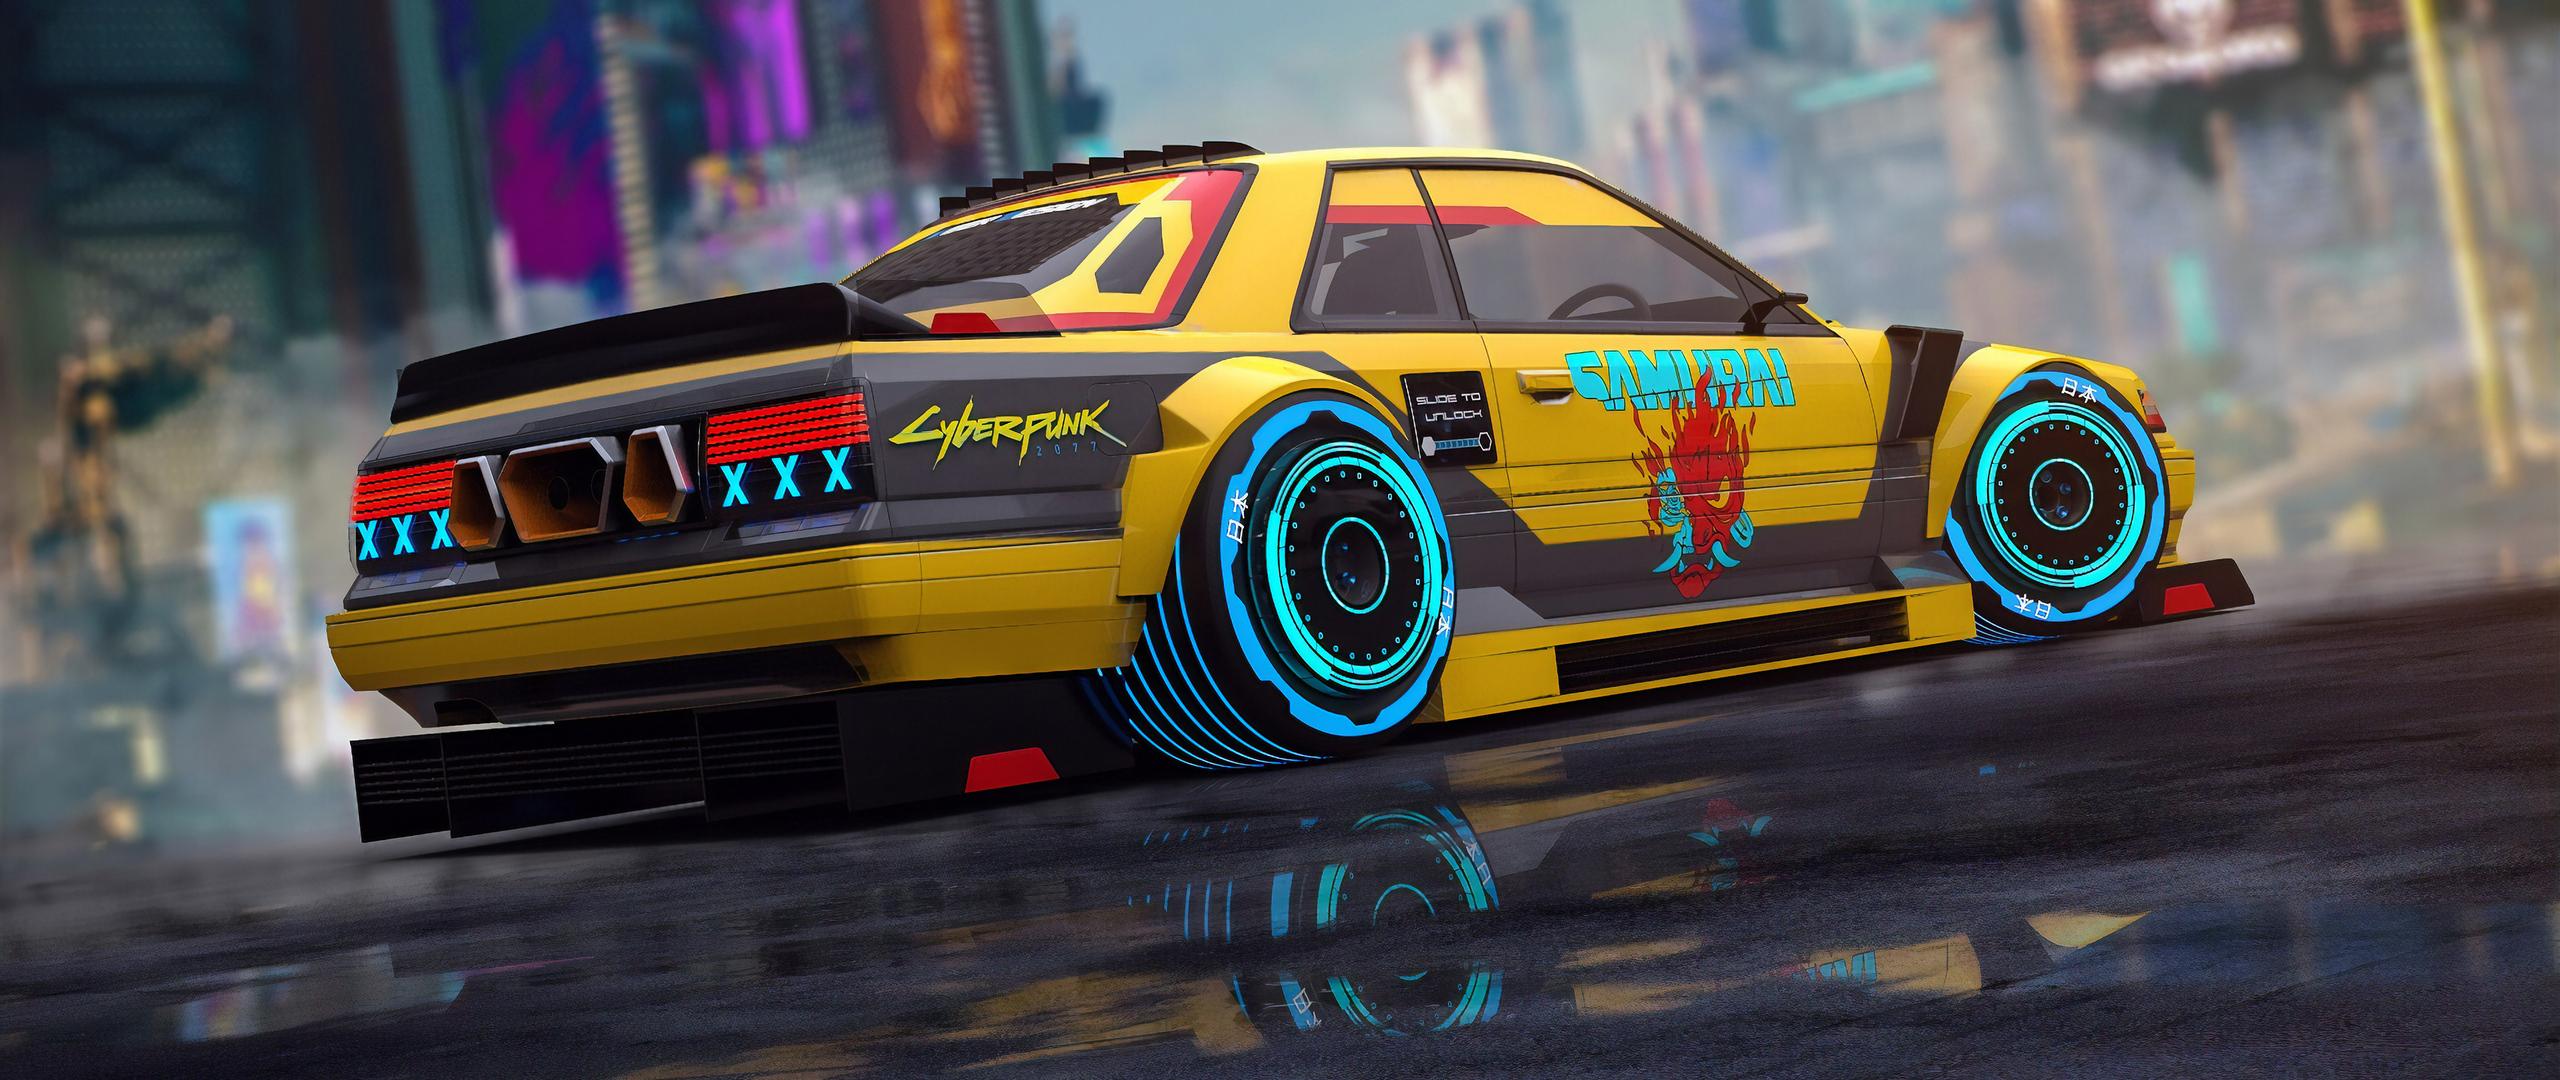 cyberpunk-car-art-4k-vr.jpg